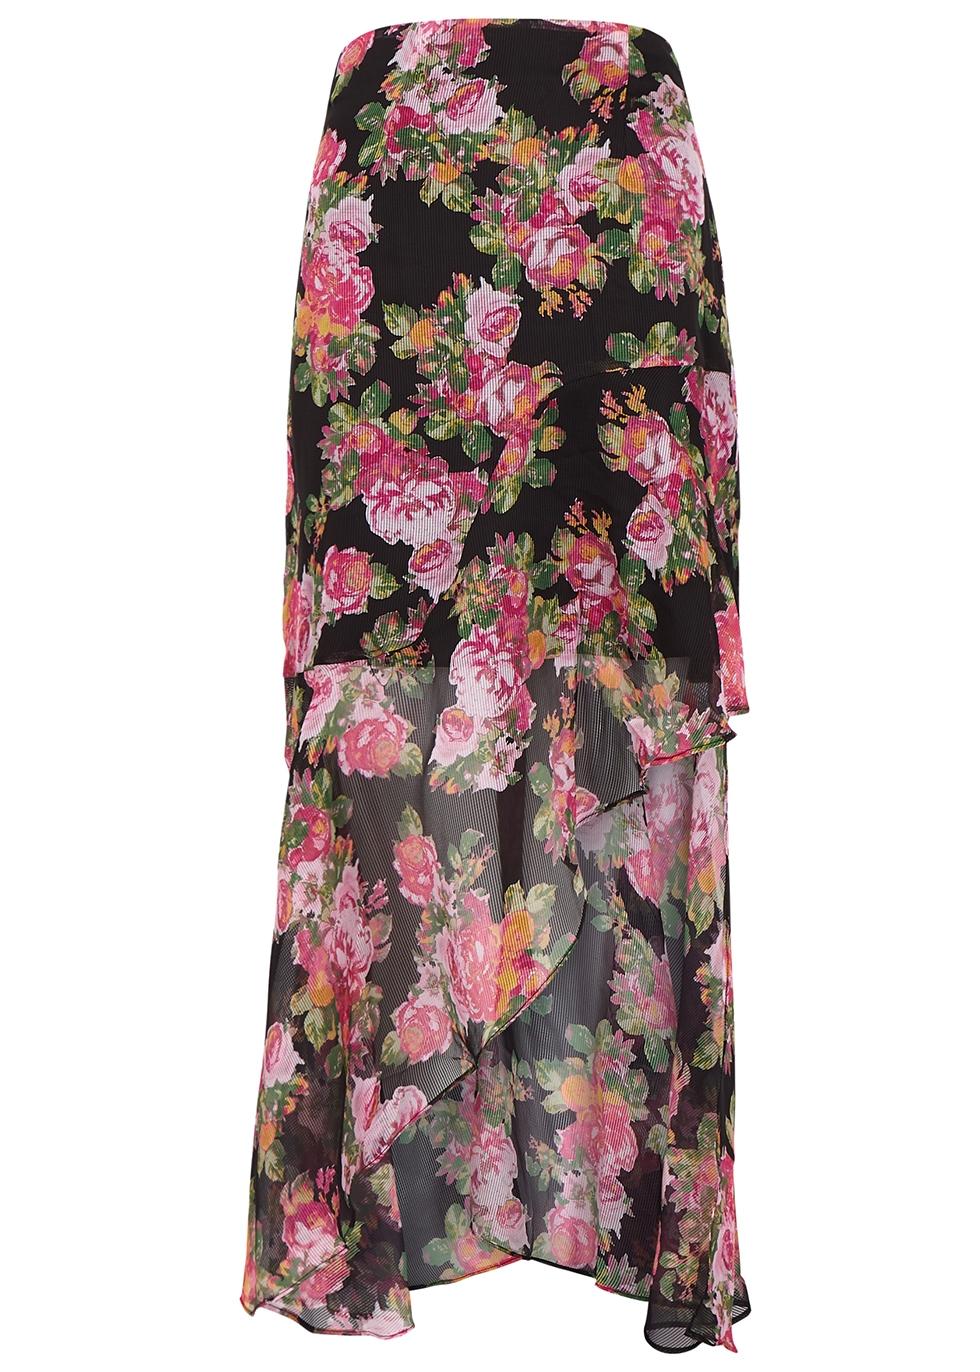 Oblivion floral georgette skirt - KEEPSAKE